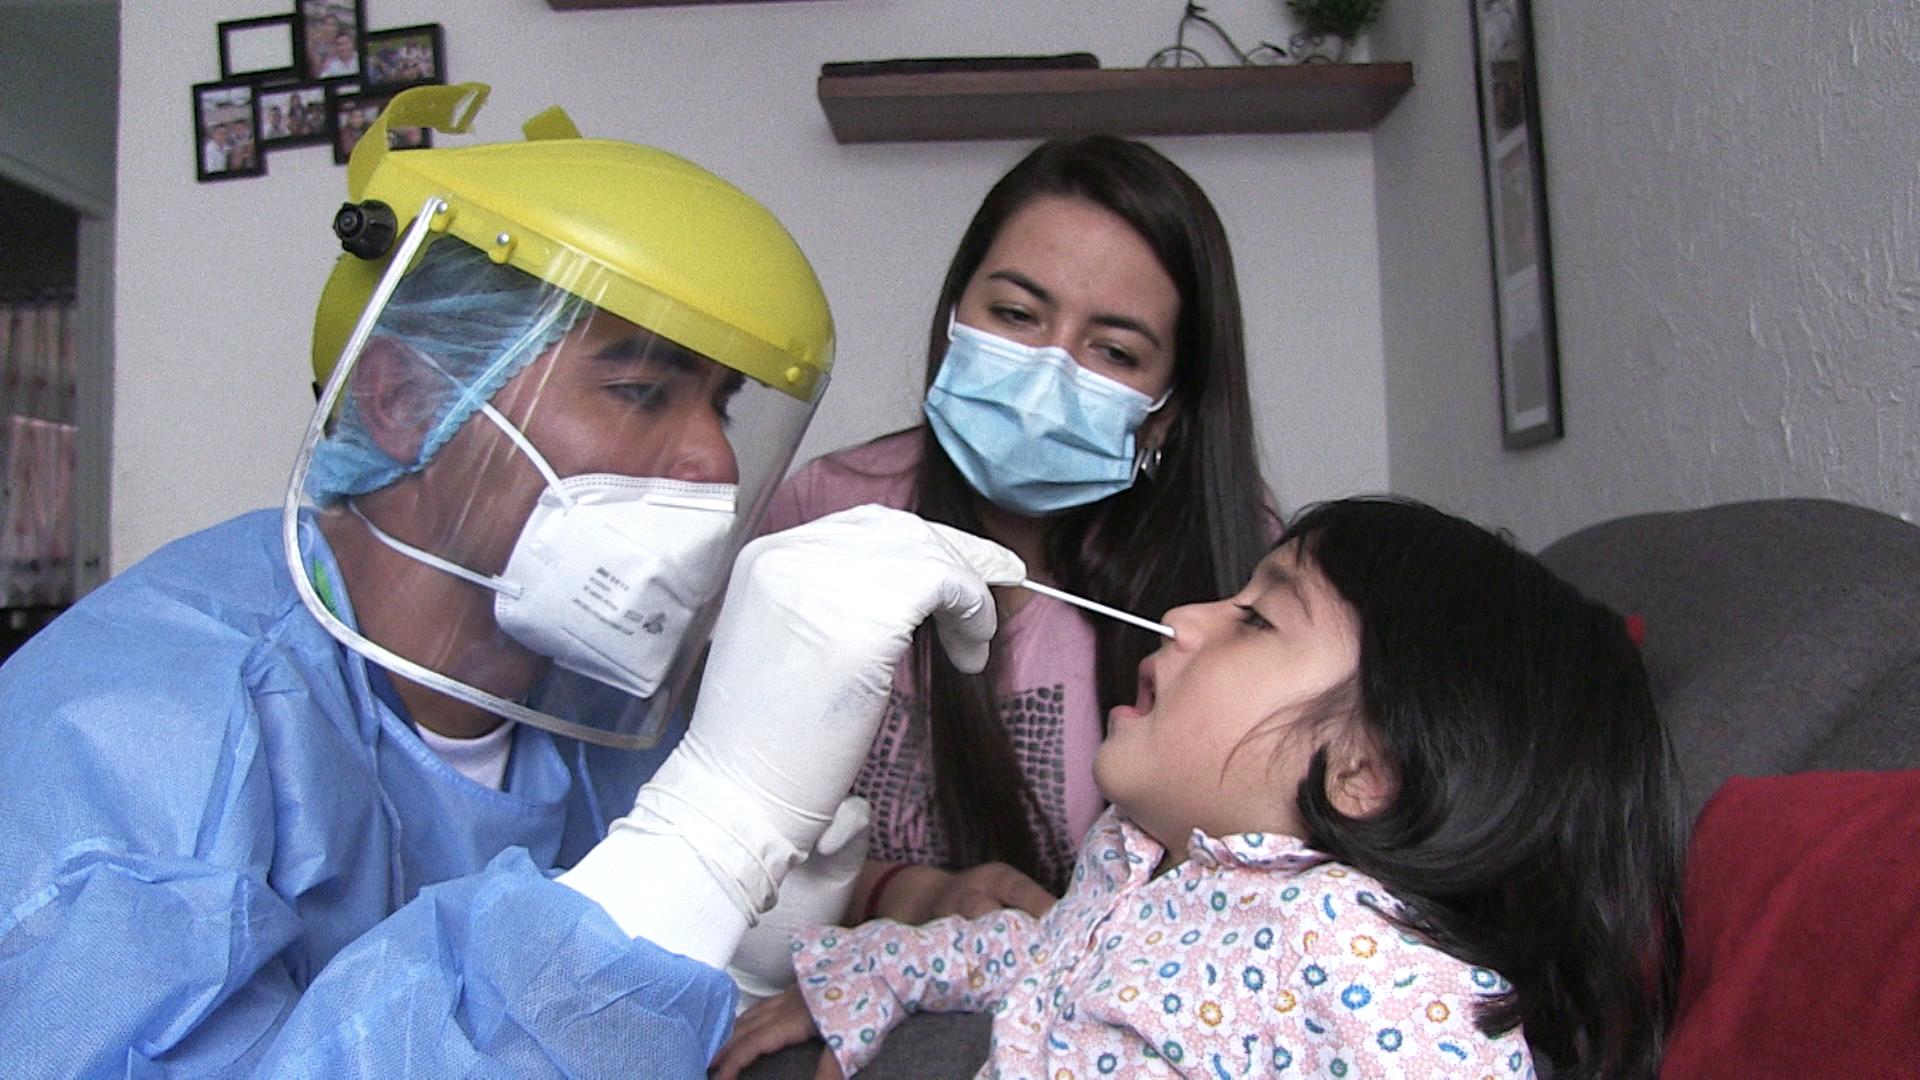 Juan Nicolás Corredor, médico de atención domiciliaria, realiza un frotis a una menor en Bogotá, Colombia, el 16 de abril de 2020.